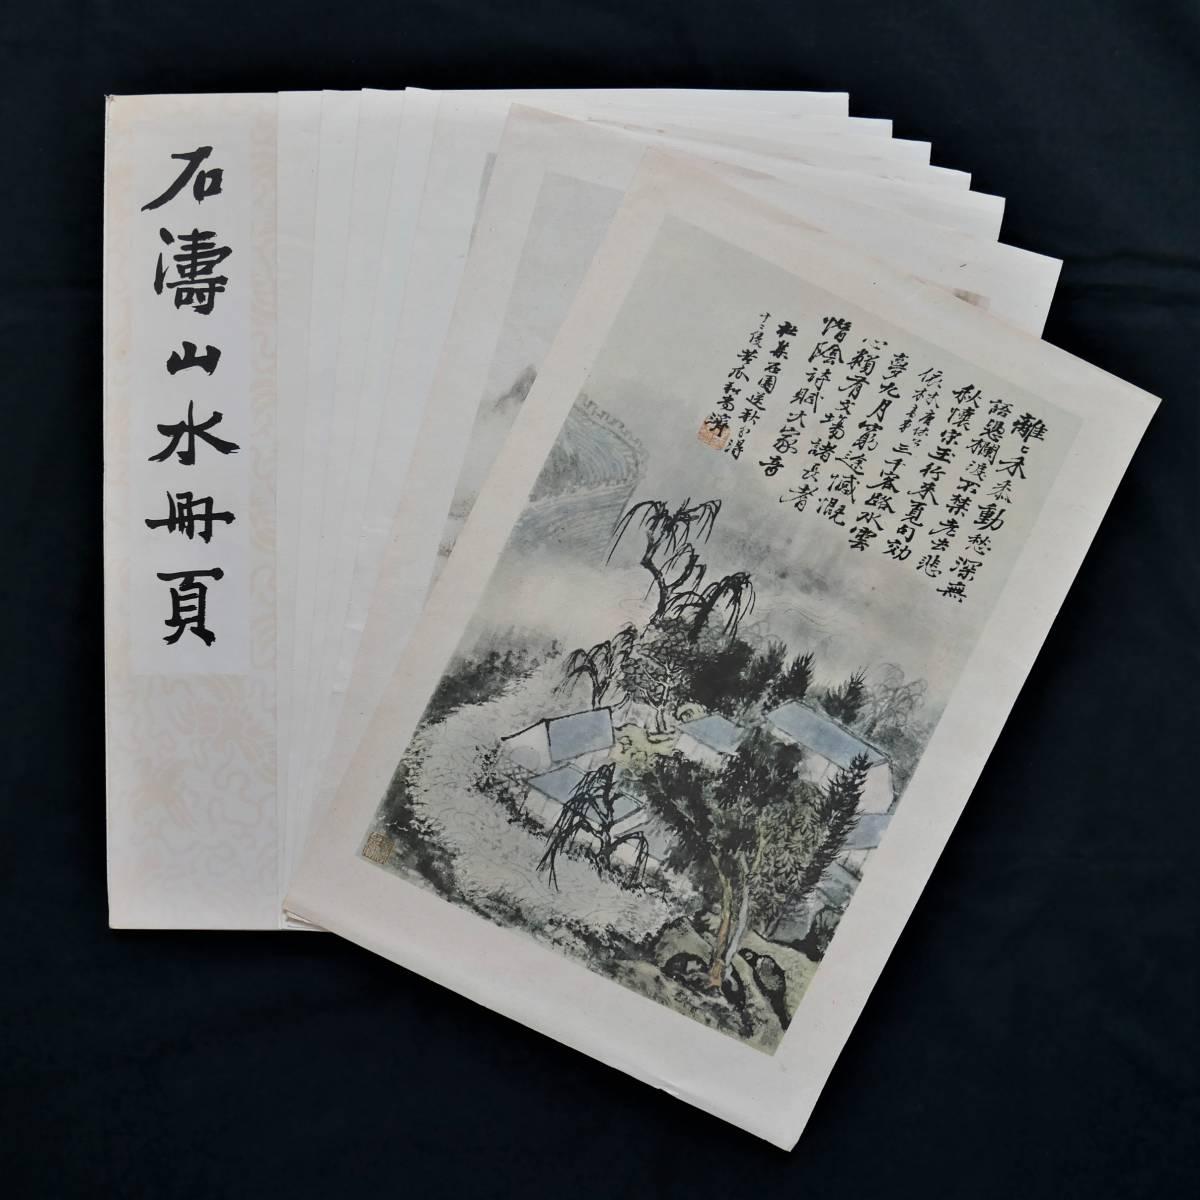 石濤 山水冊頁 8図8枚 中国絵画 書画 水墨画 画集 石涛 資料